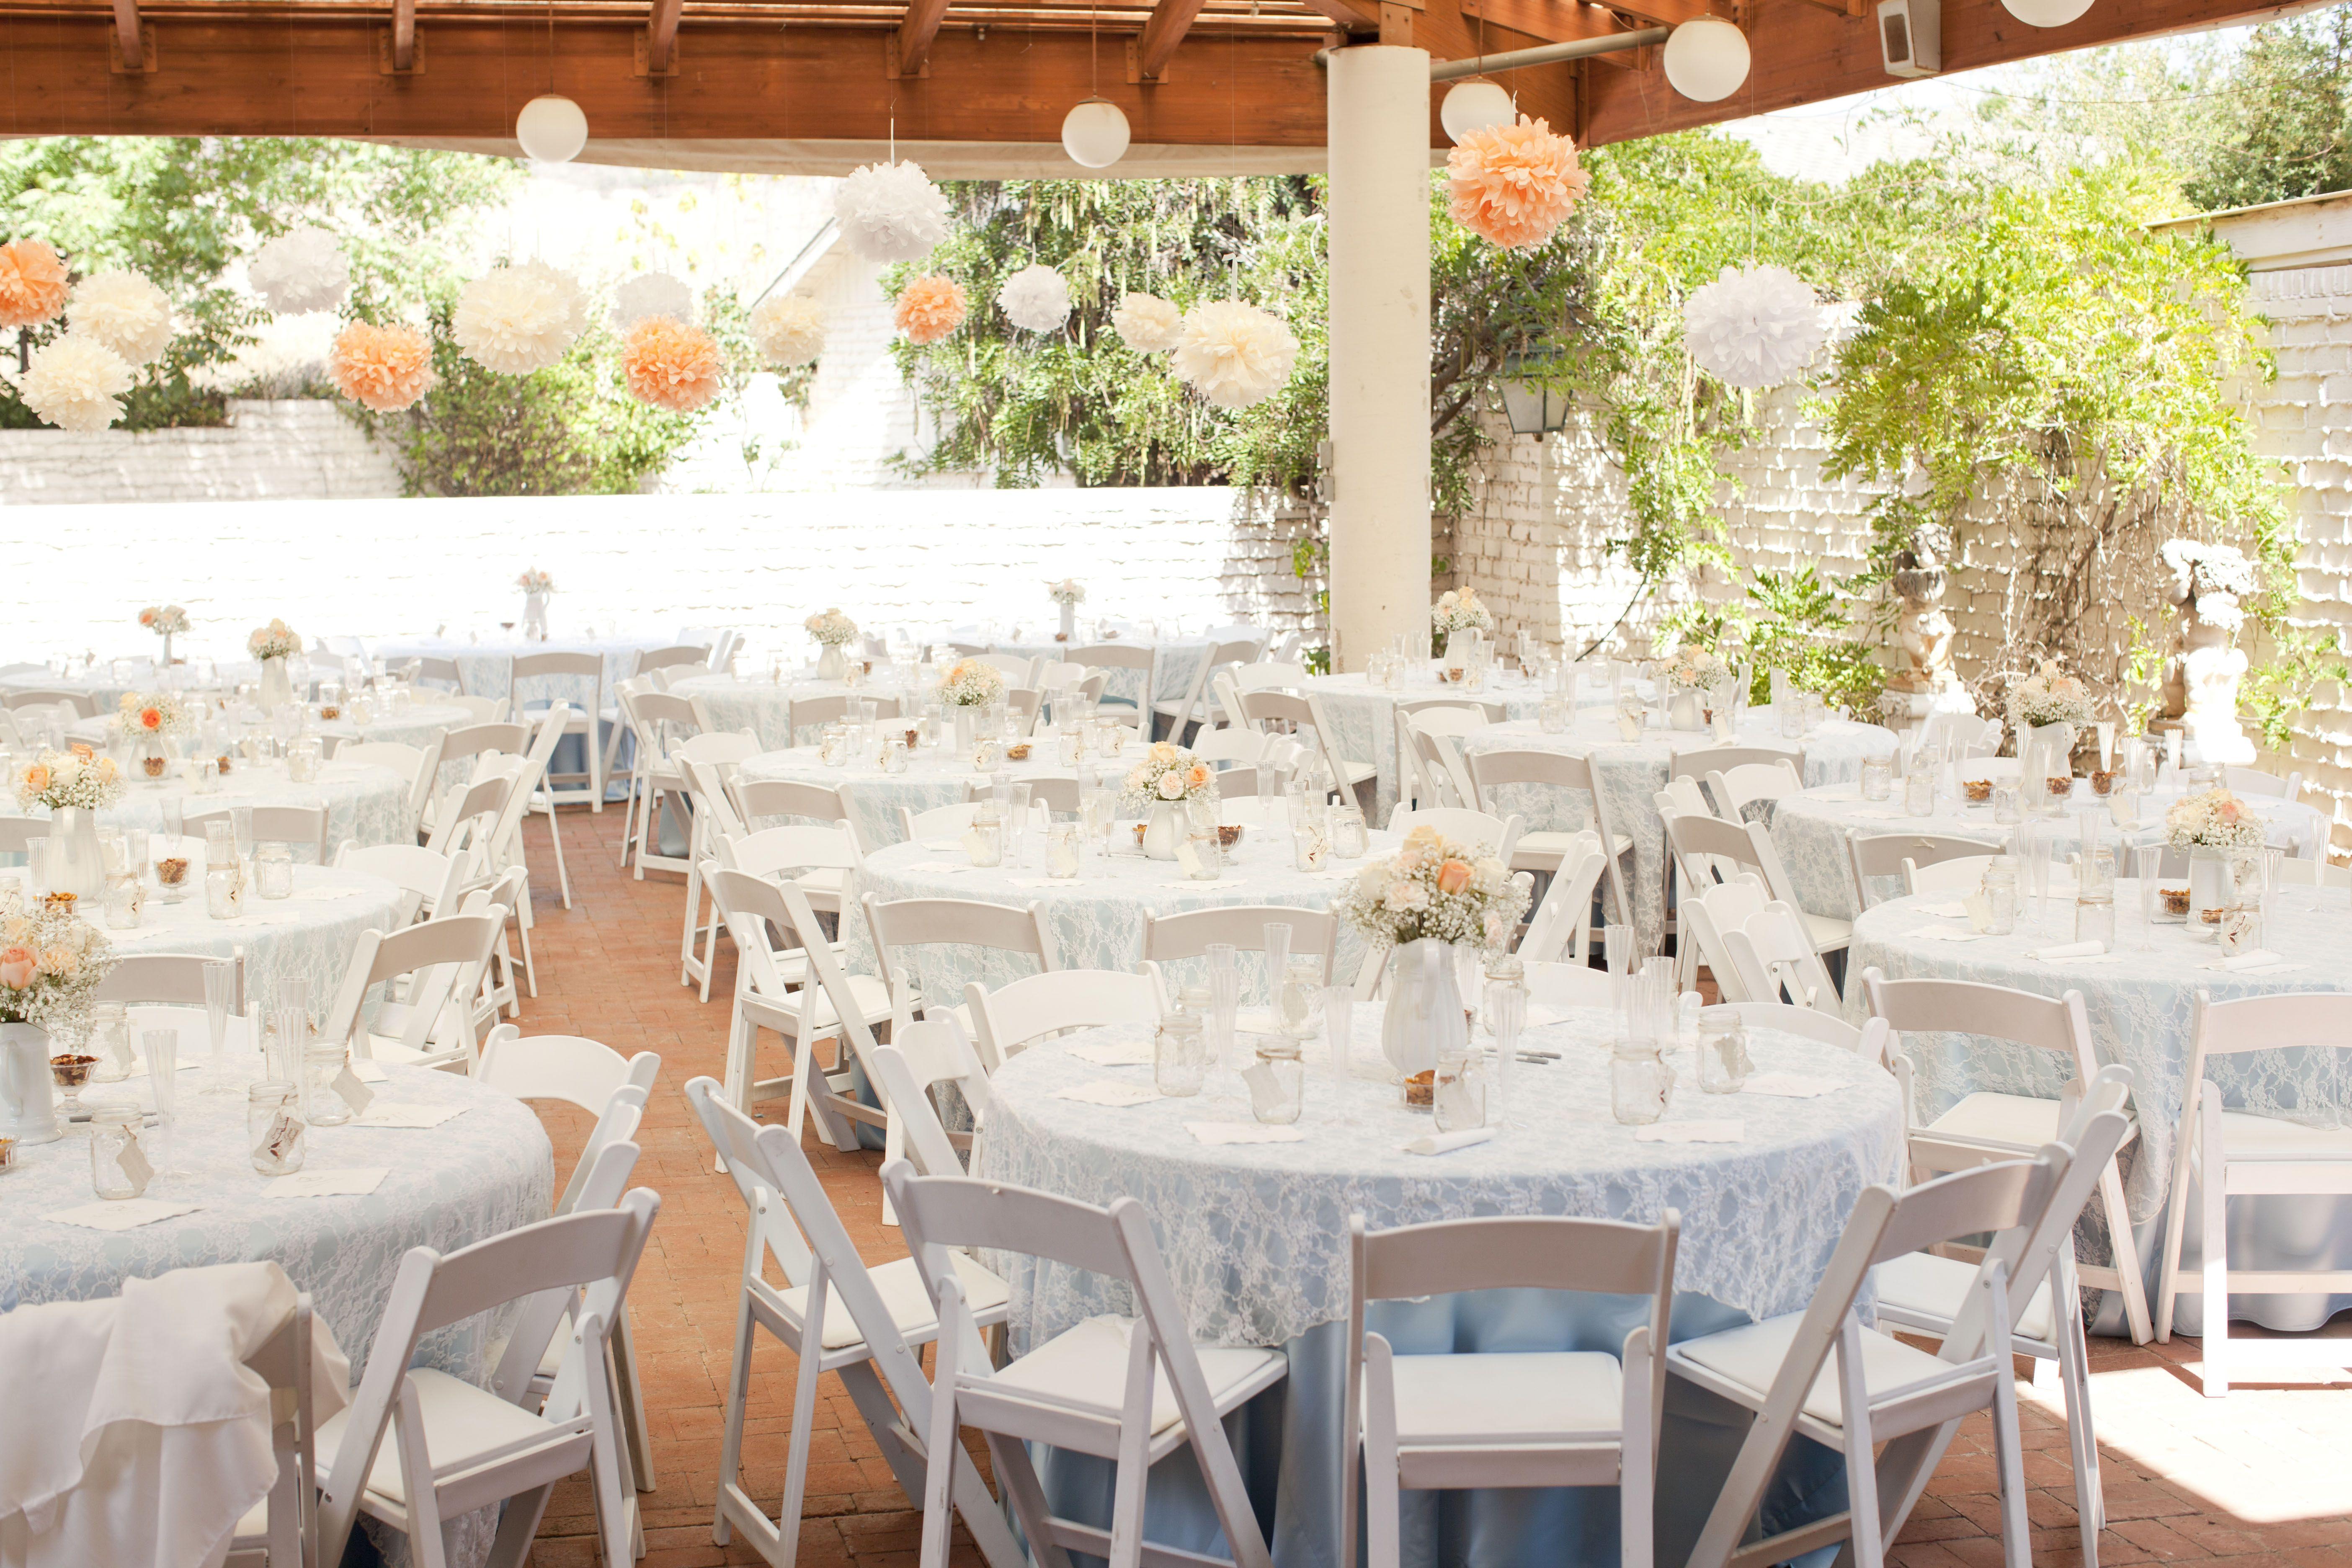 Reception shabby chic wedding wedding ideas pinterest for Shabby chic wedding reception decorations